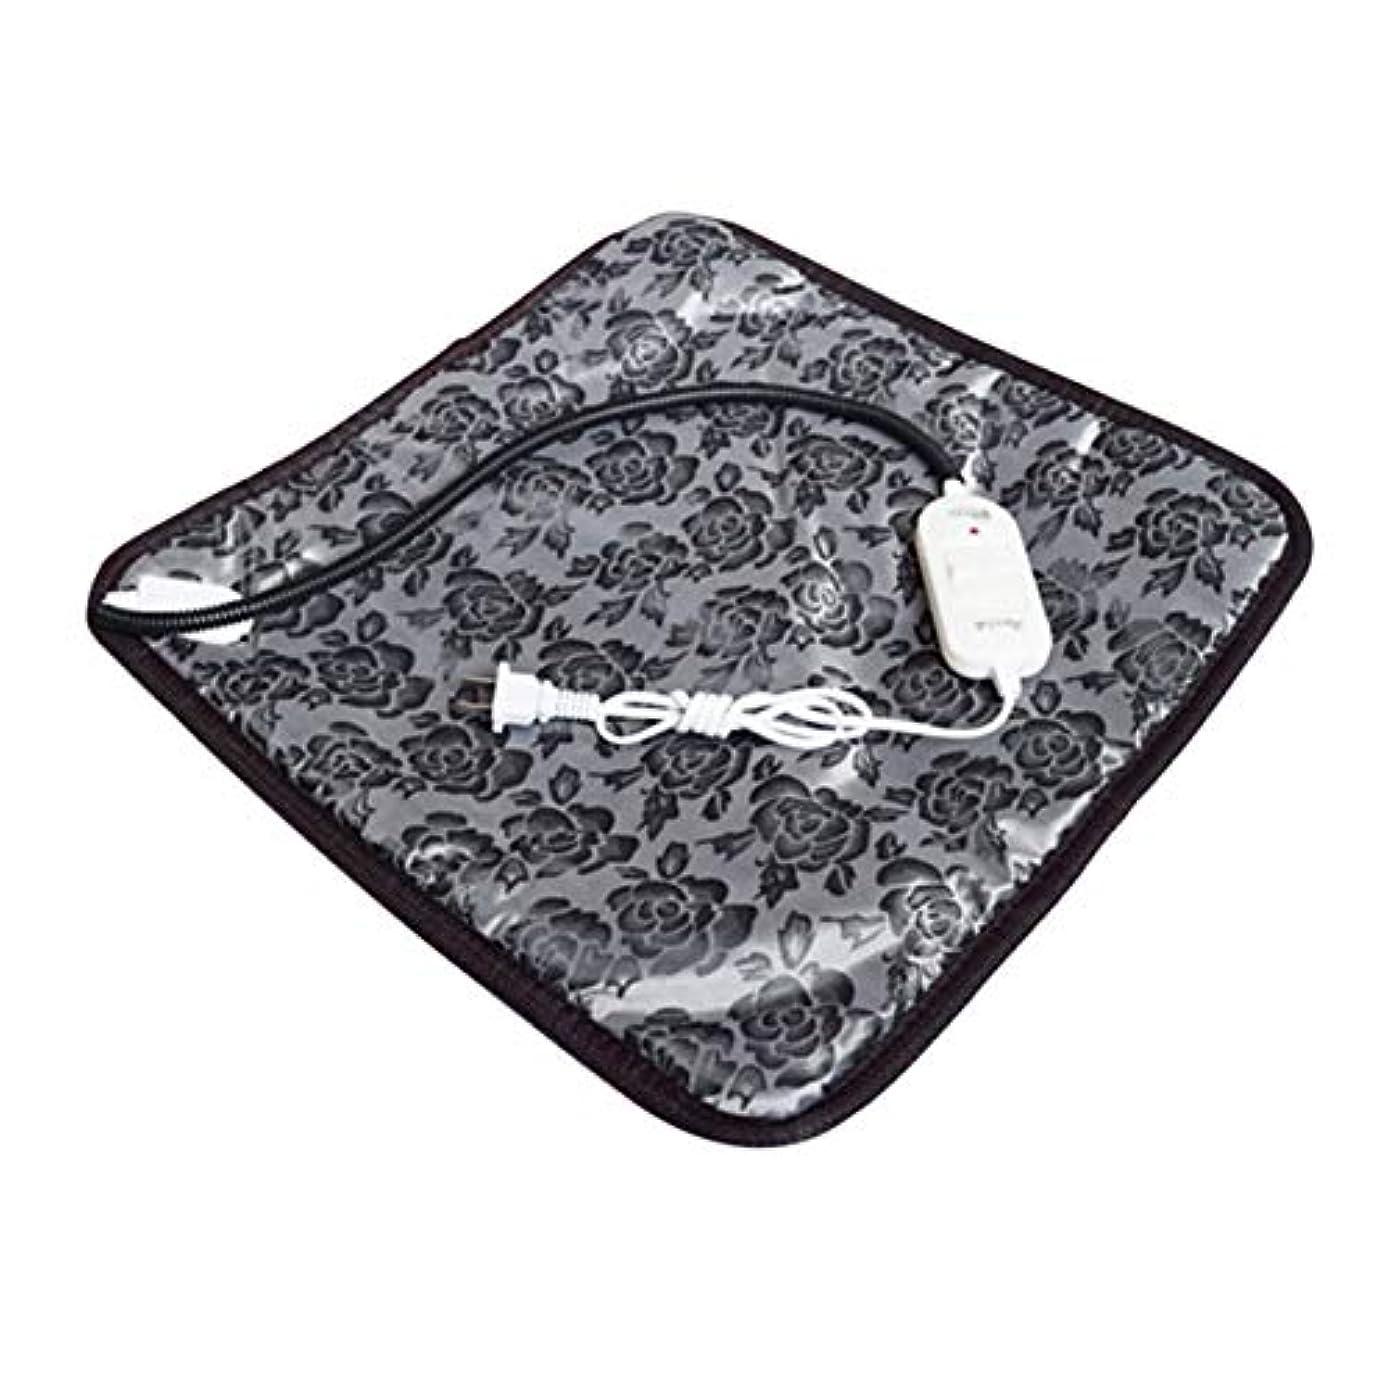 アプライアンス蒸発空中Saikogoods 快適な防水オックスフォード布ペット電気パッドは冬は暖かい温水暖房マット犬猫バニーベッドをキープブランケット 黒